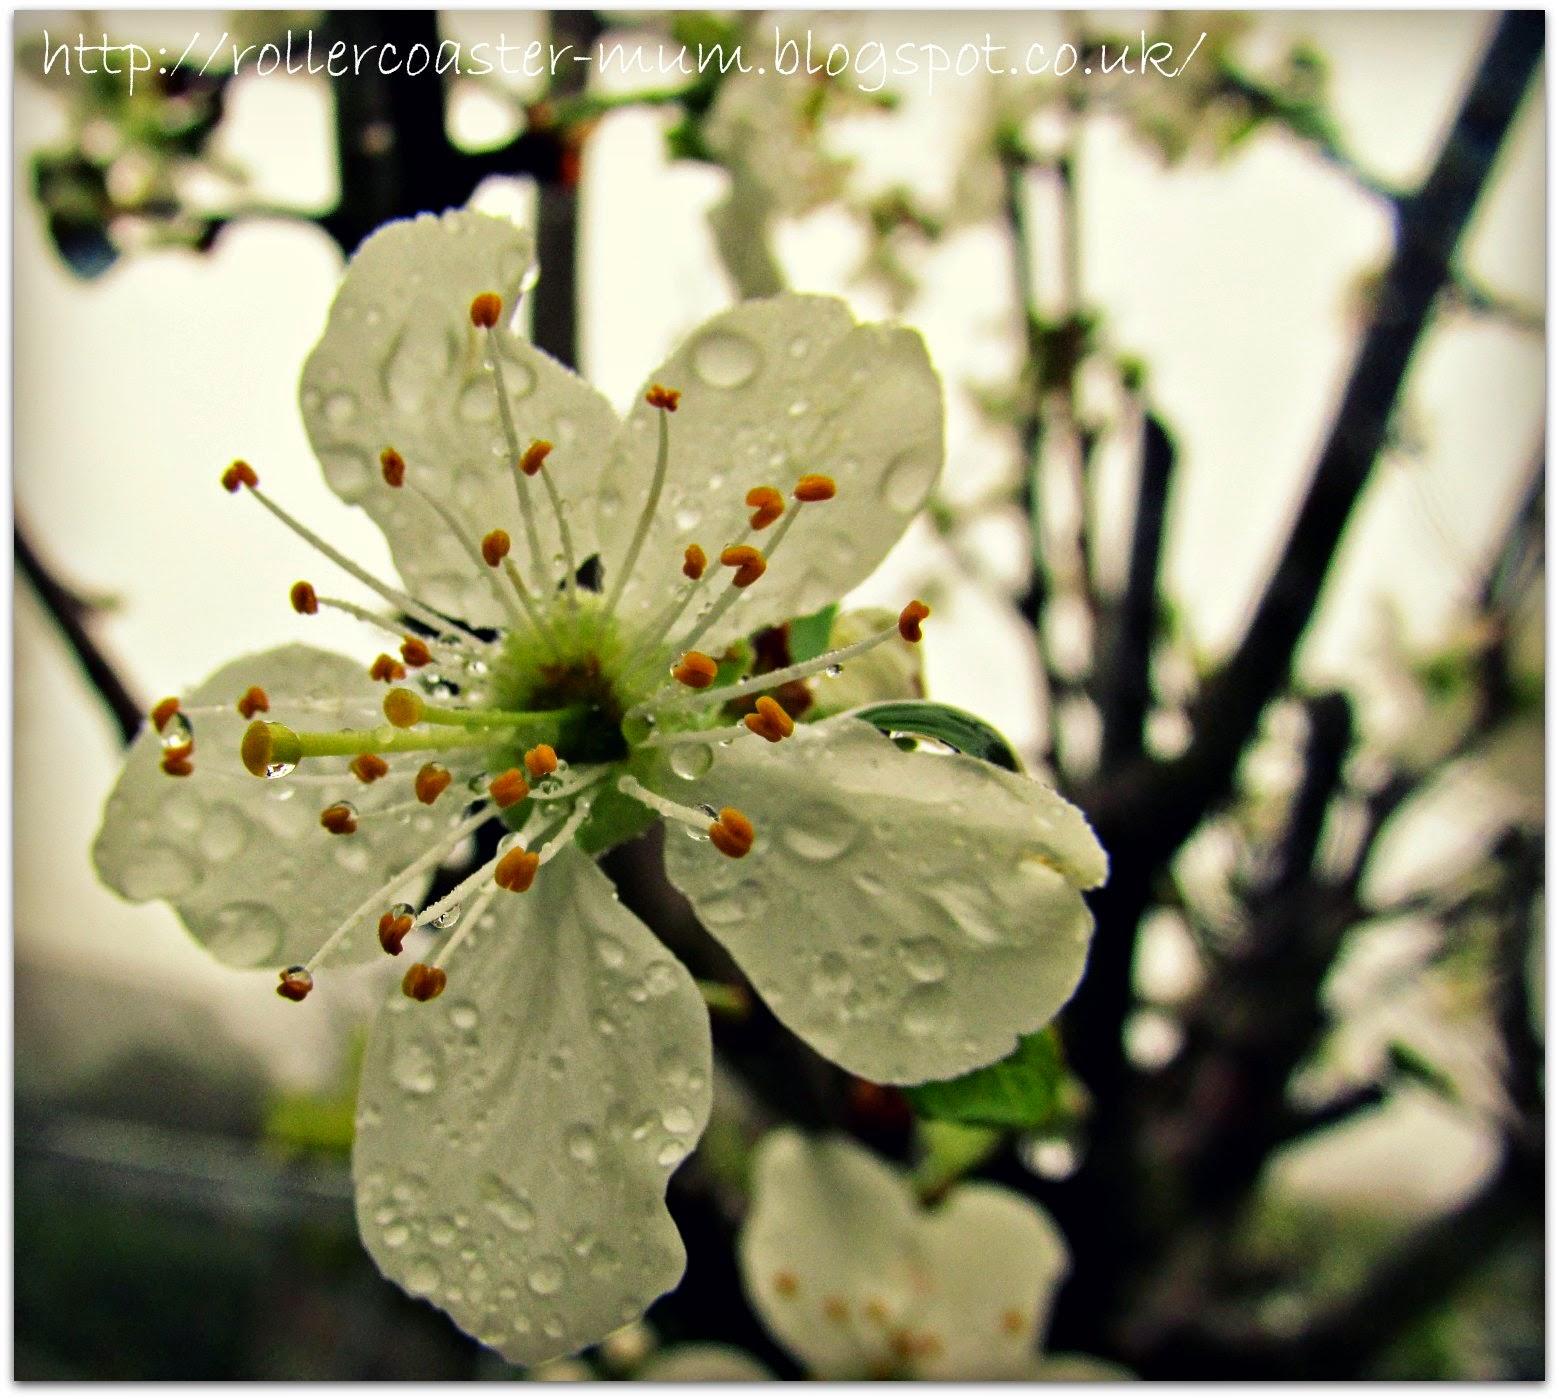 White plum blossom